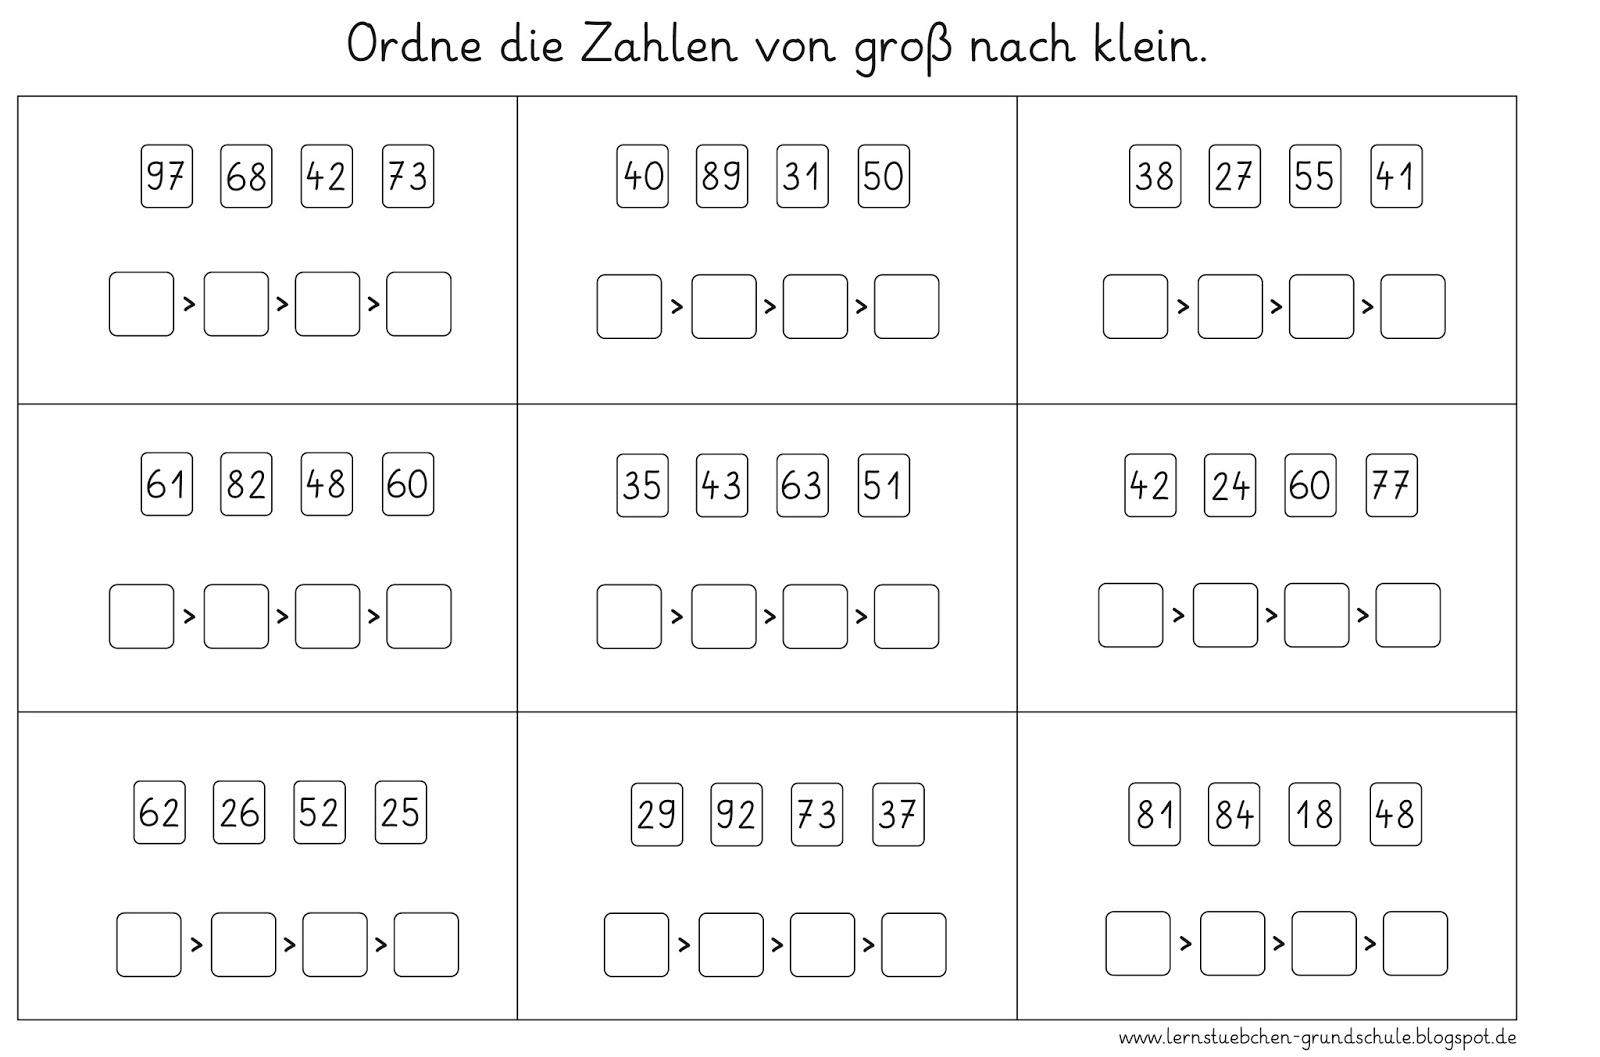 Old Fashioned Zählen Zu 100 Arbeitsblatt Image Collection ...